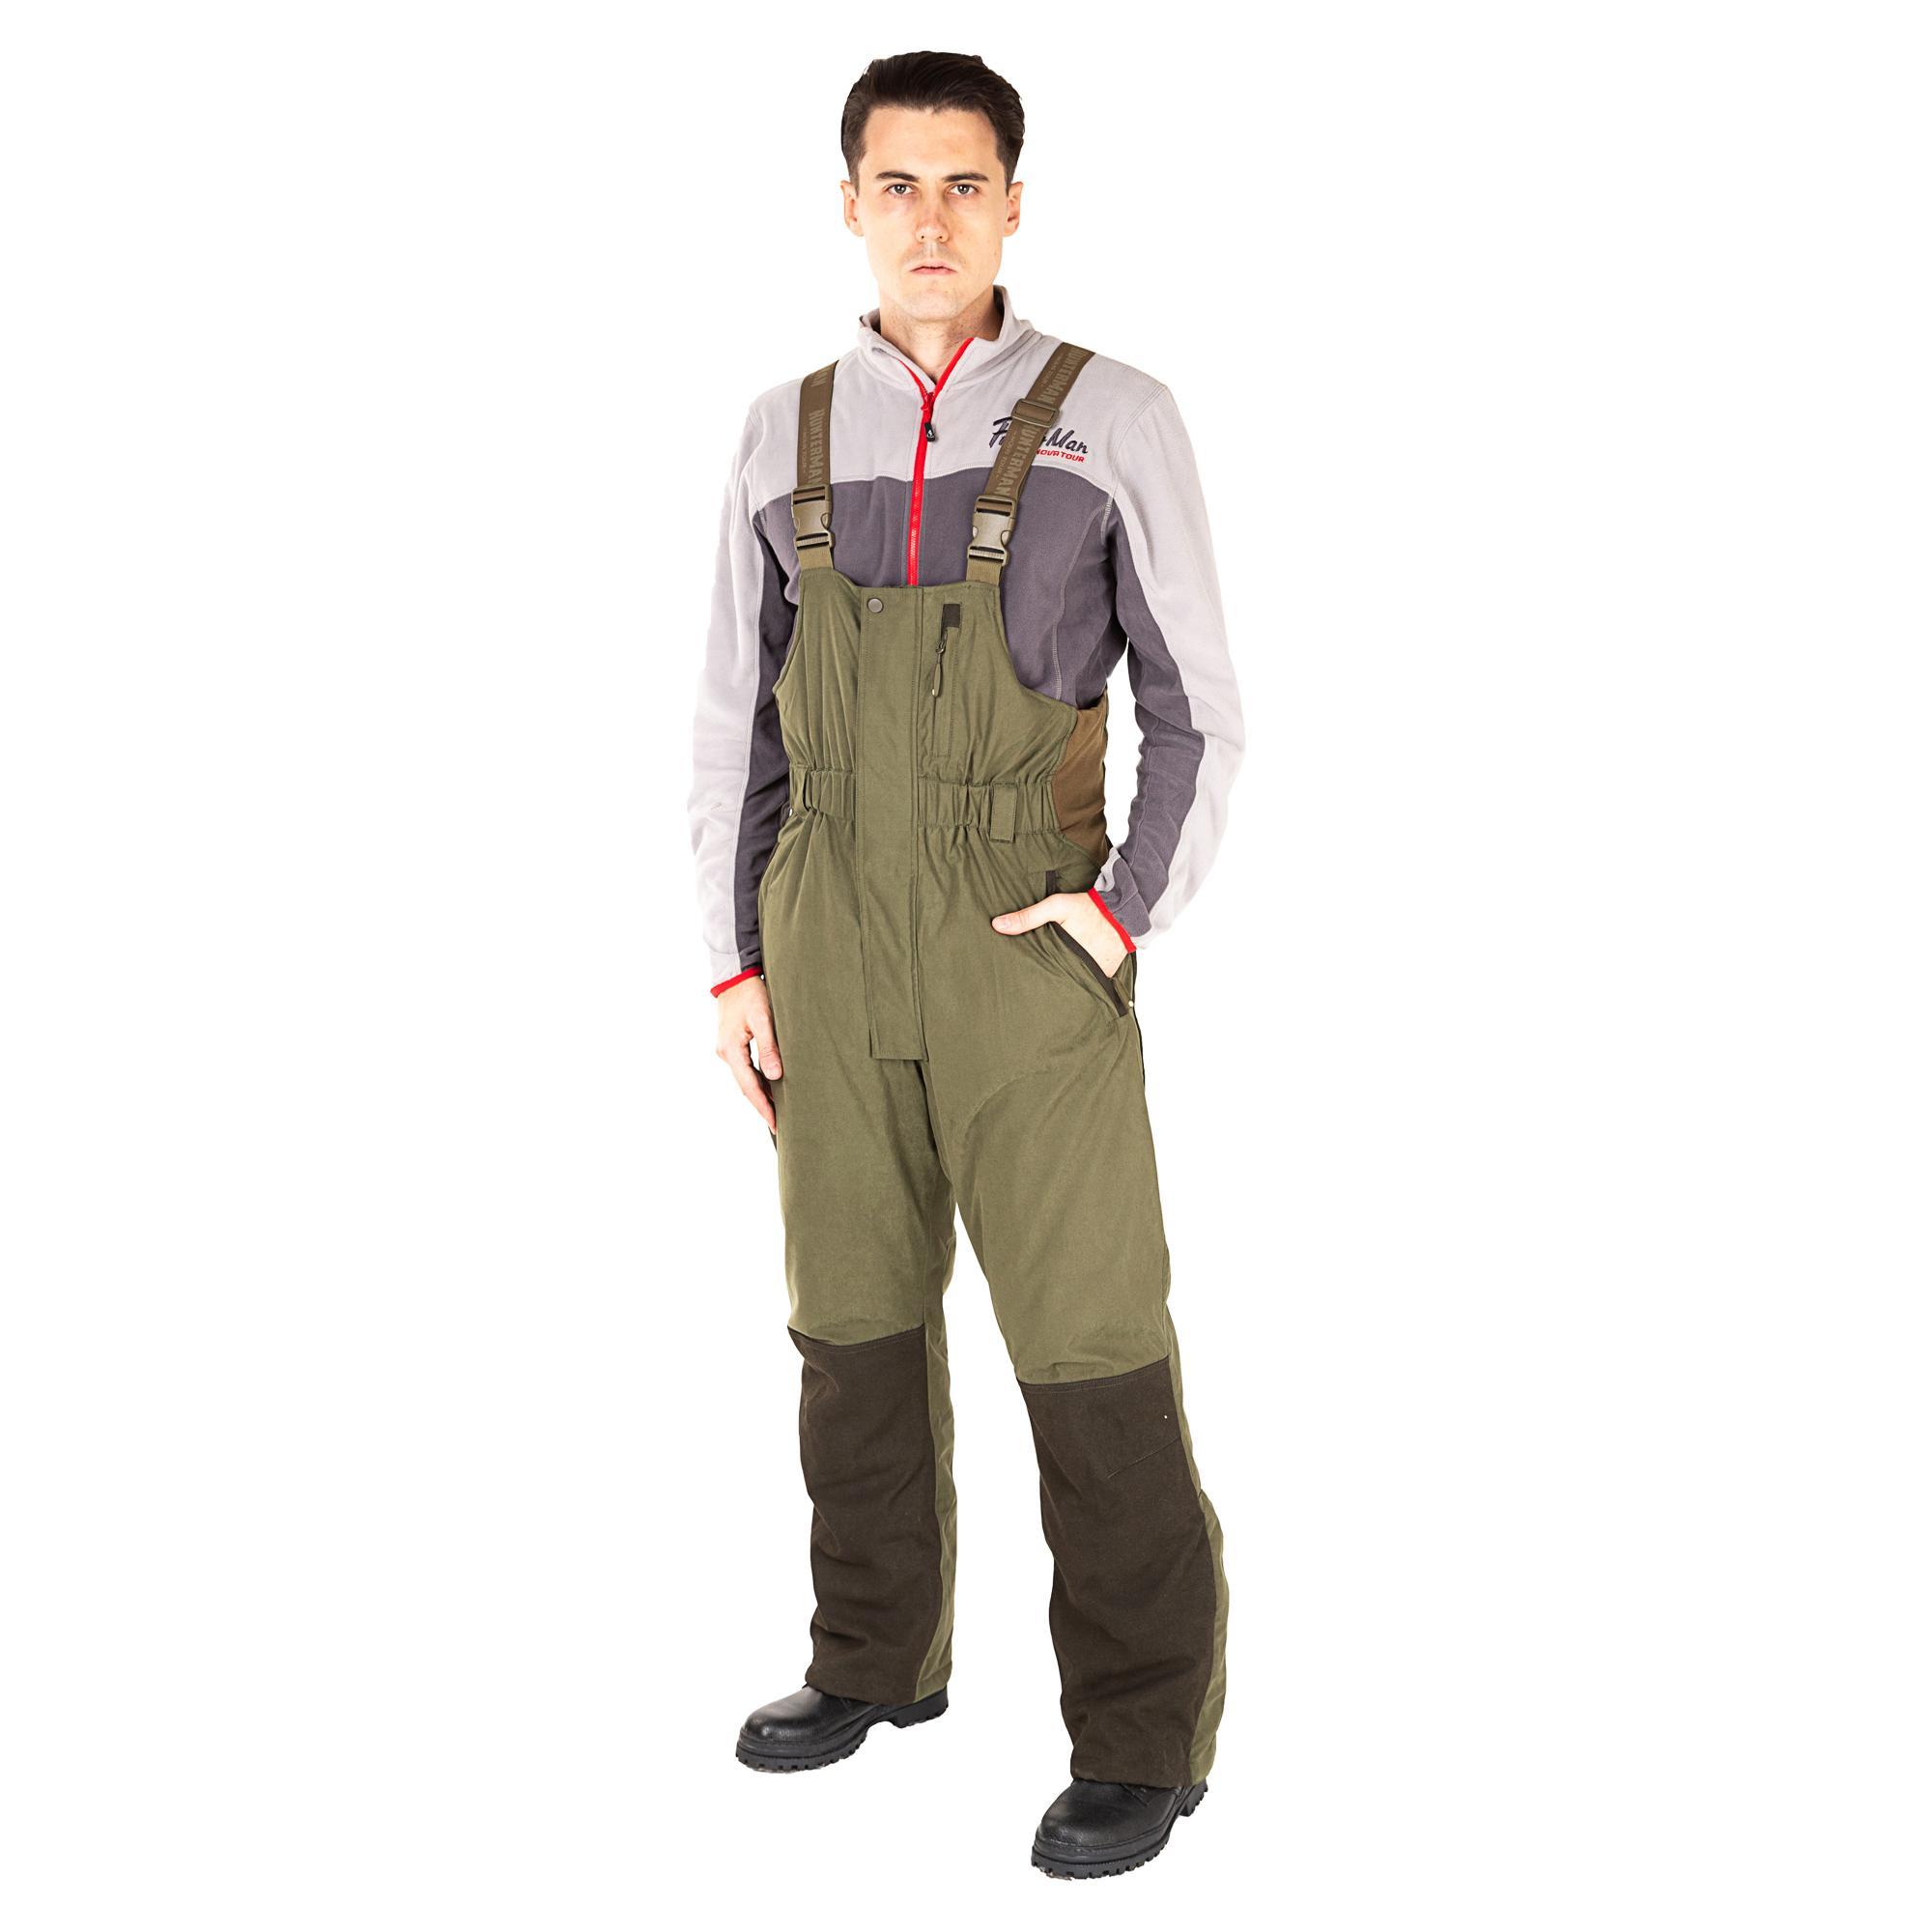 недорогой костюм для зимней рыбалки